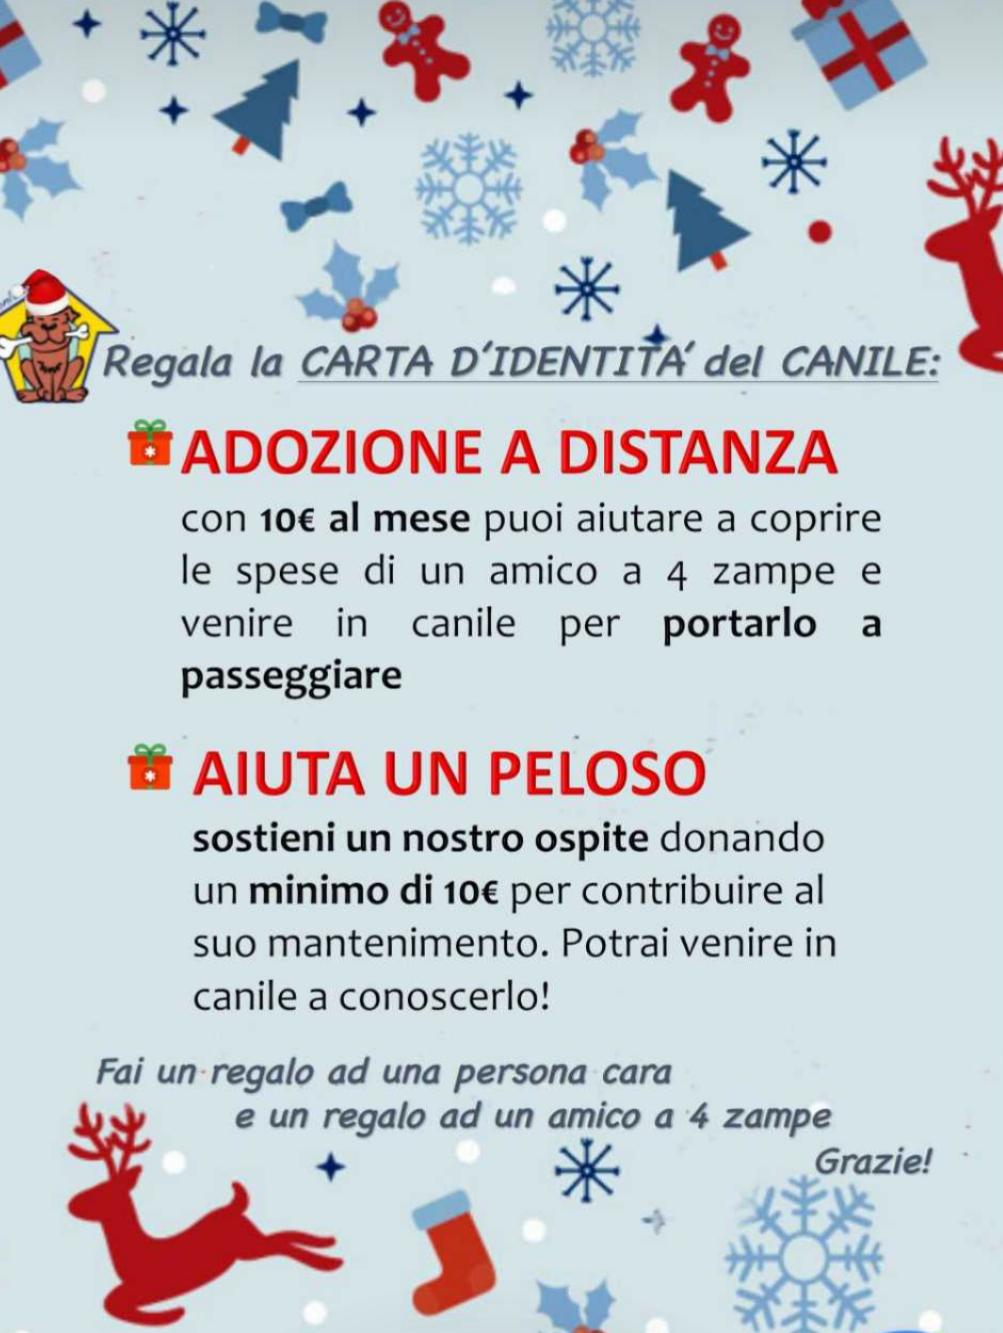 Pergamene di Natale: un regalo per i vostri cari e per i nostri cani!